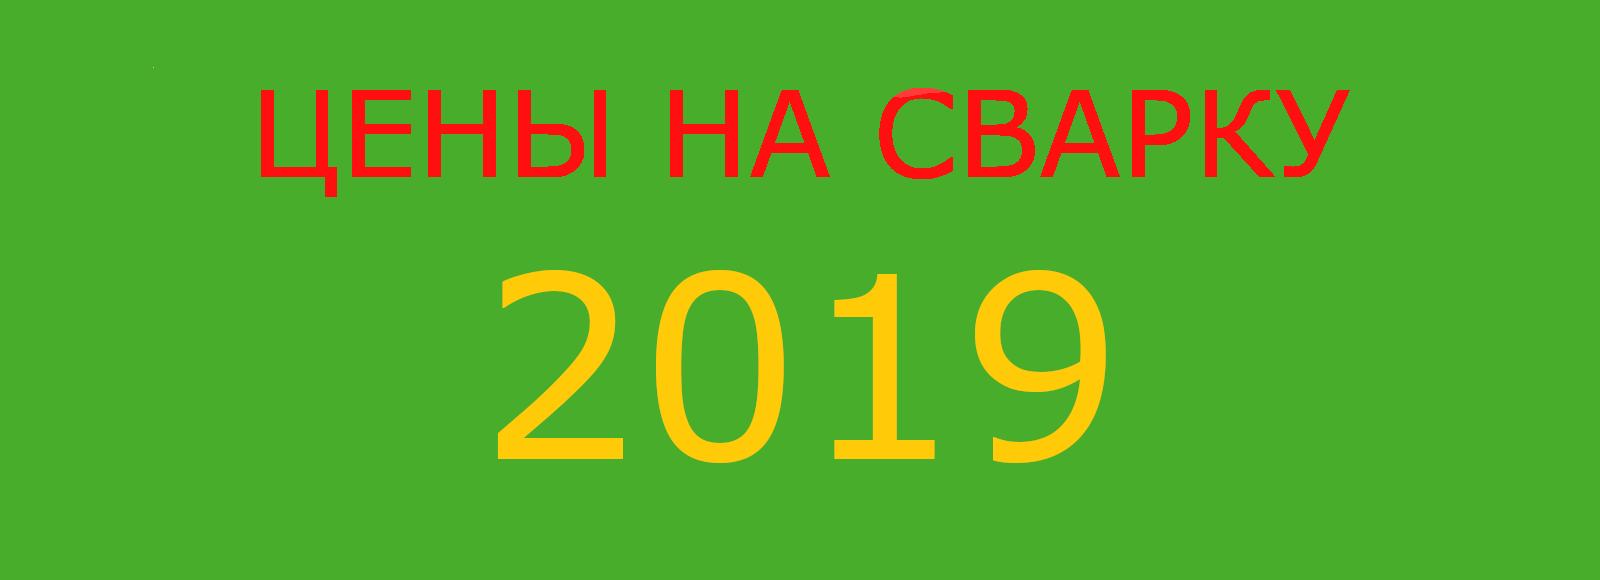 Цены на сварку 2019 году